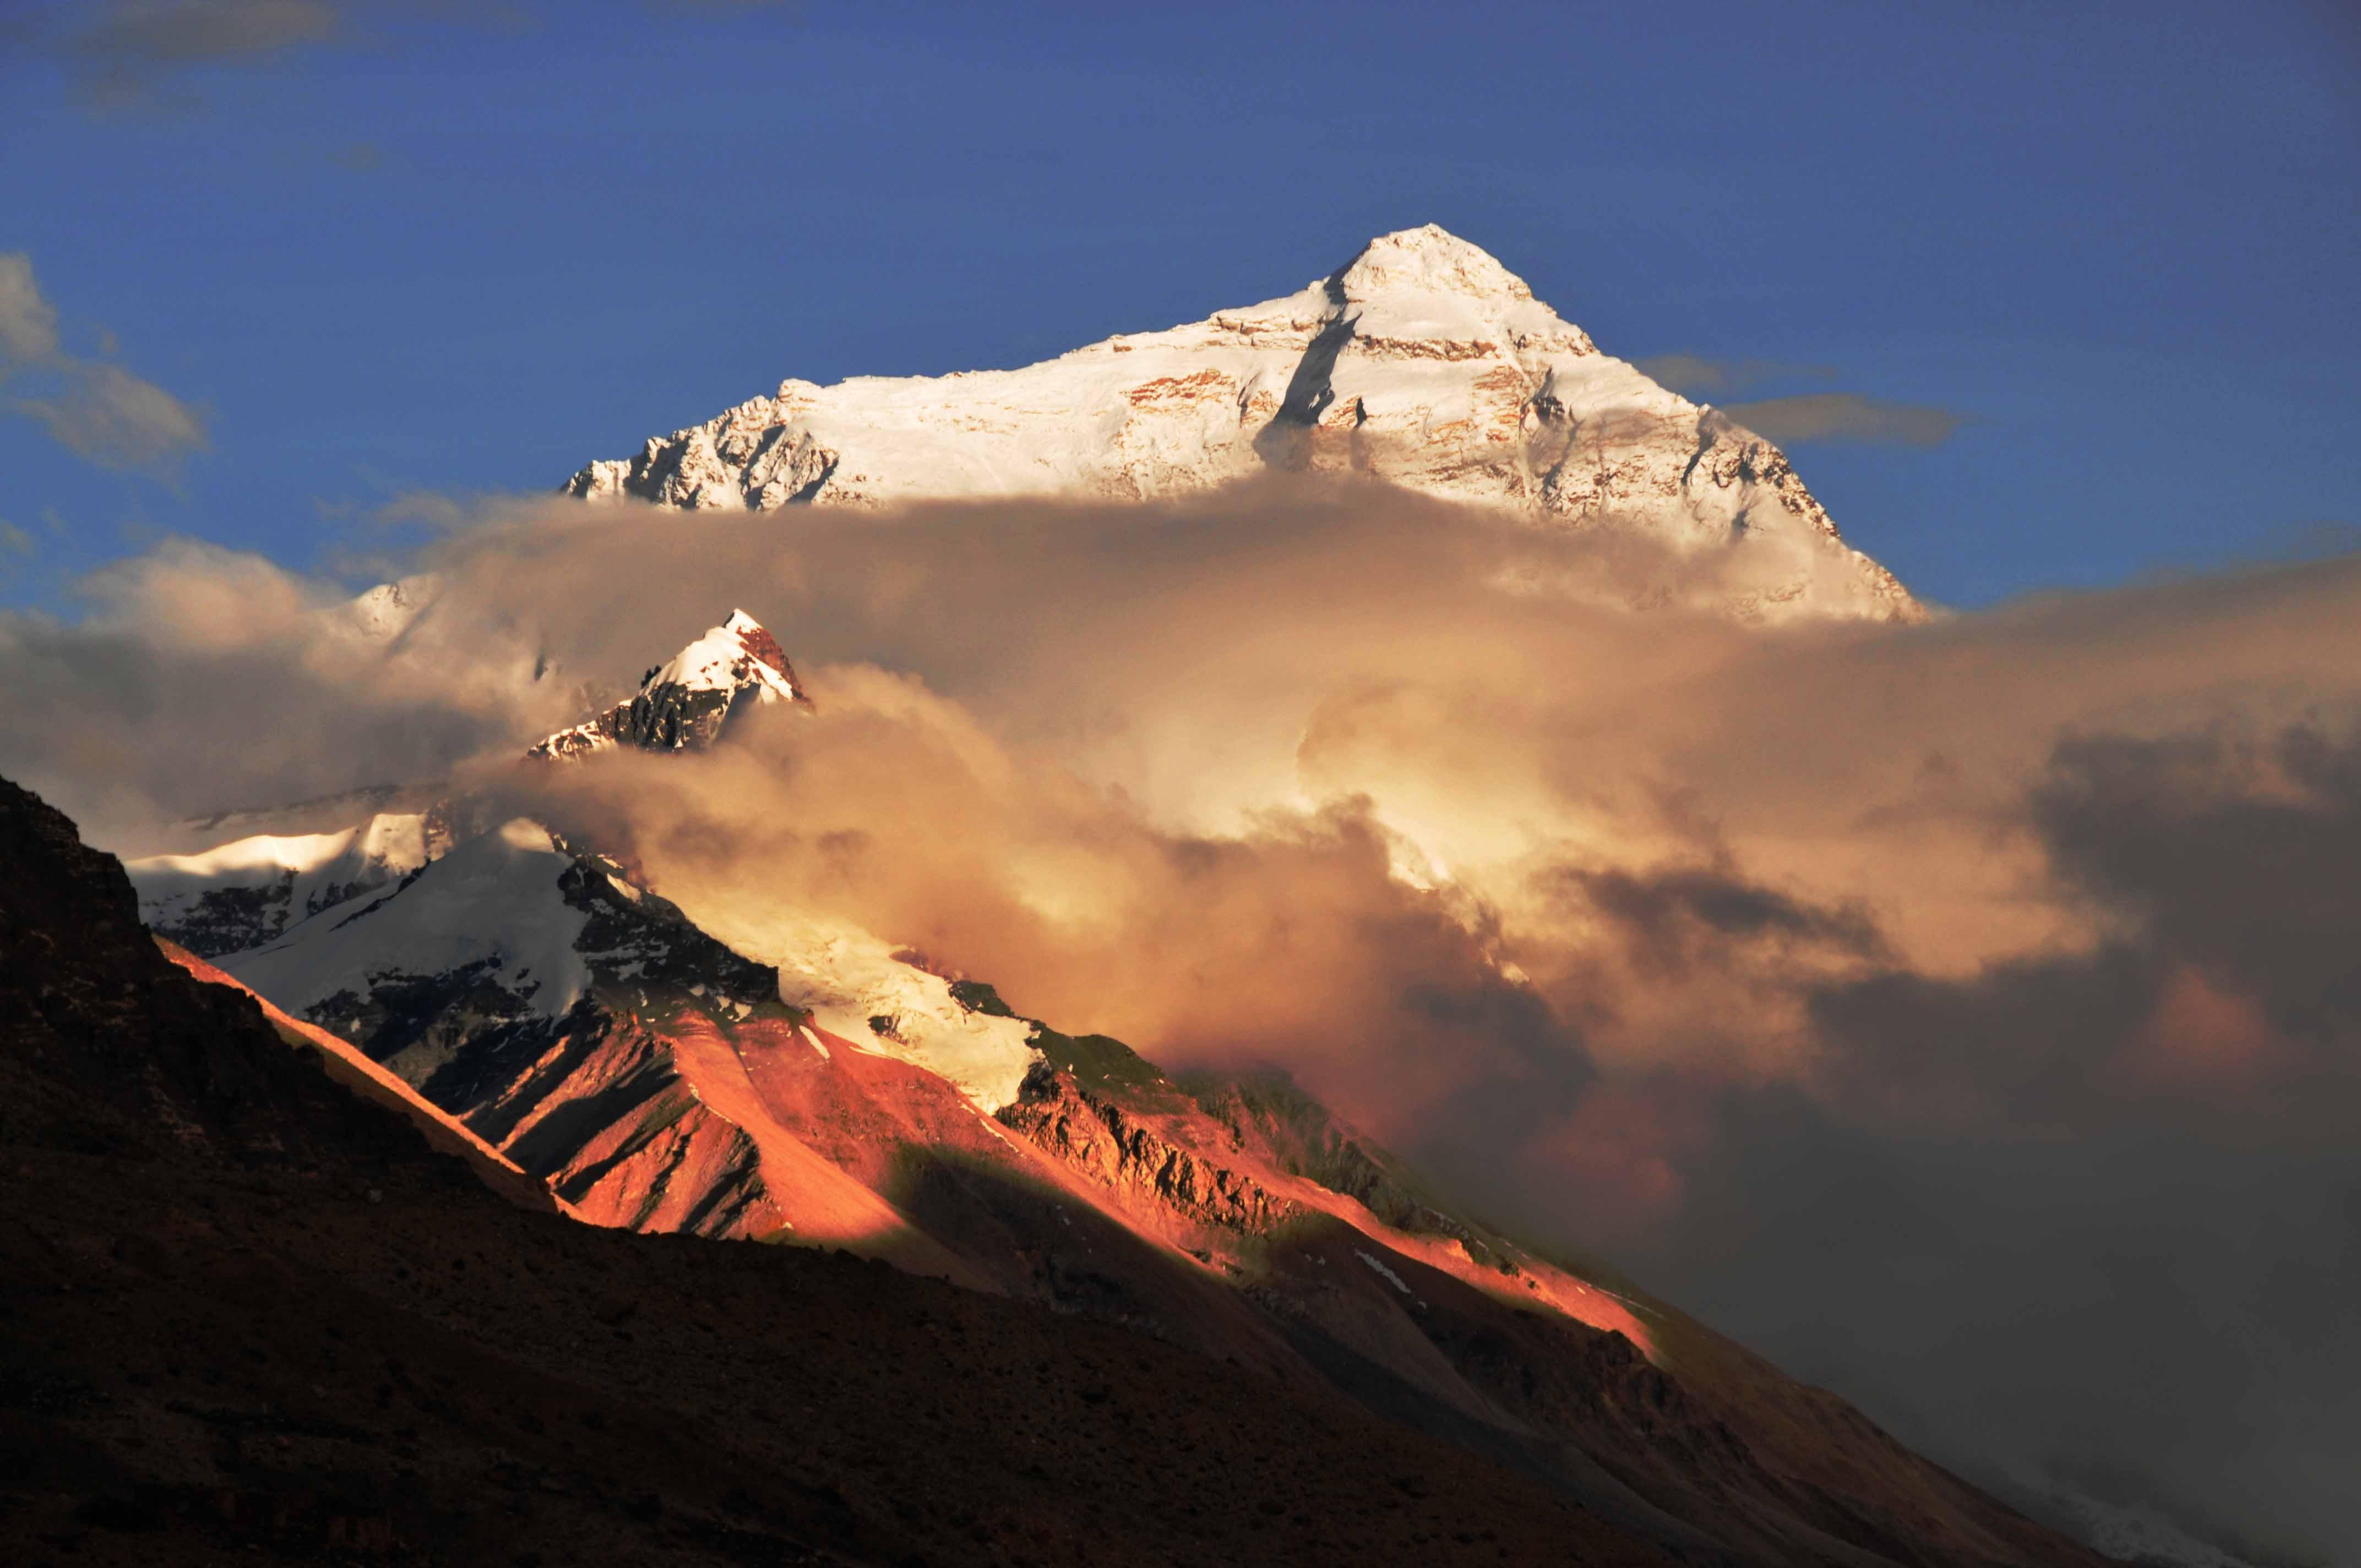 登顶珠峰 国内22人队伍凯旋